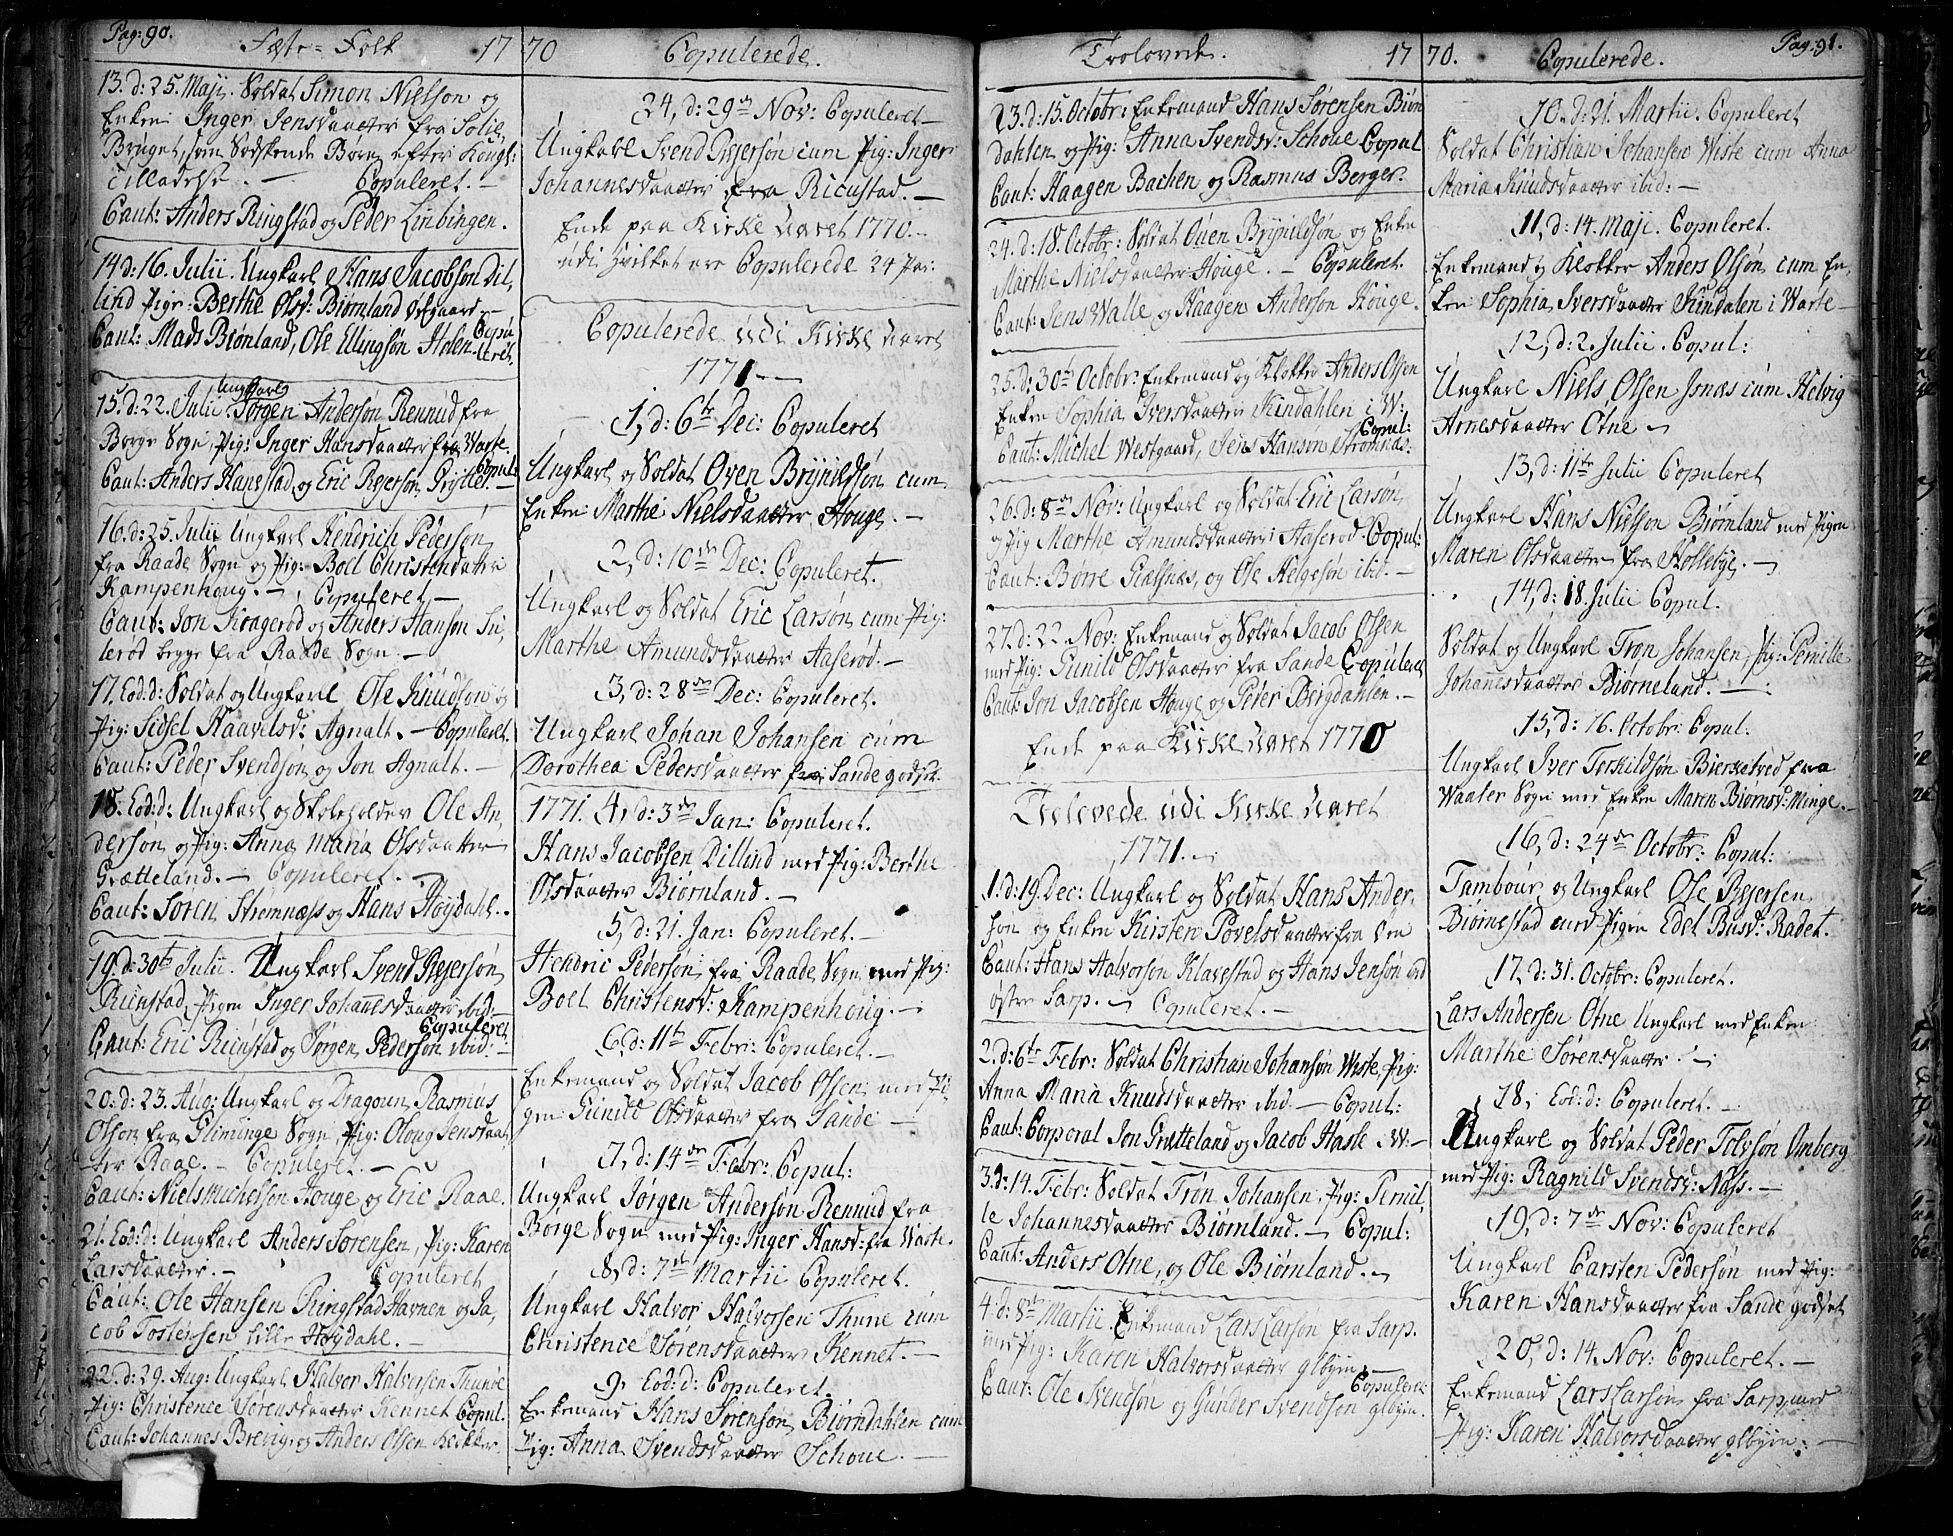 SAO, Tune prestekontor Kirkebøker, F/Fa/L0002: Ministerialbok nr. 2, 1758-1781, s. 90-91